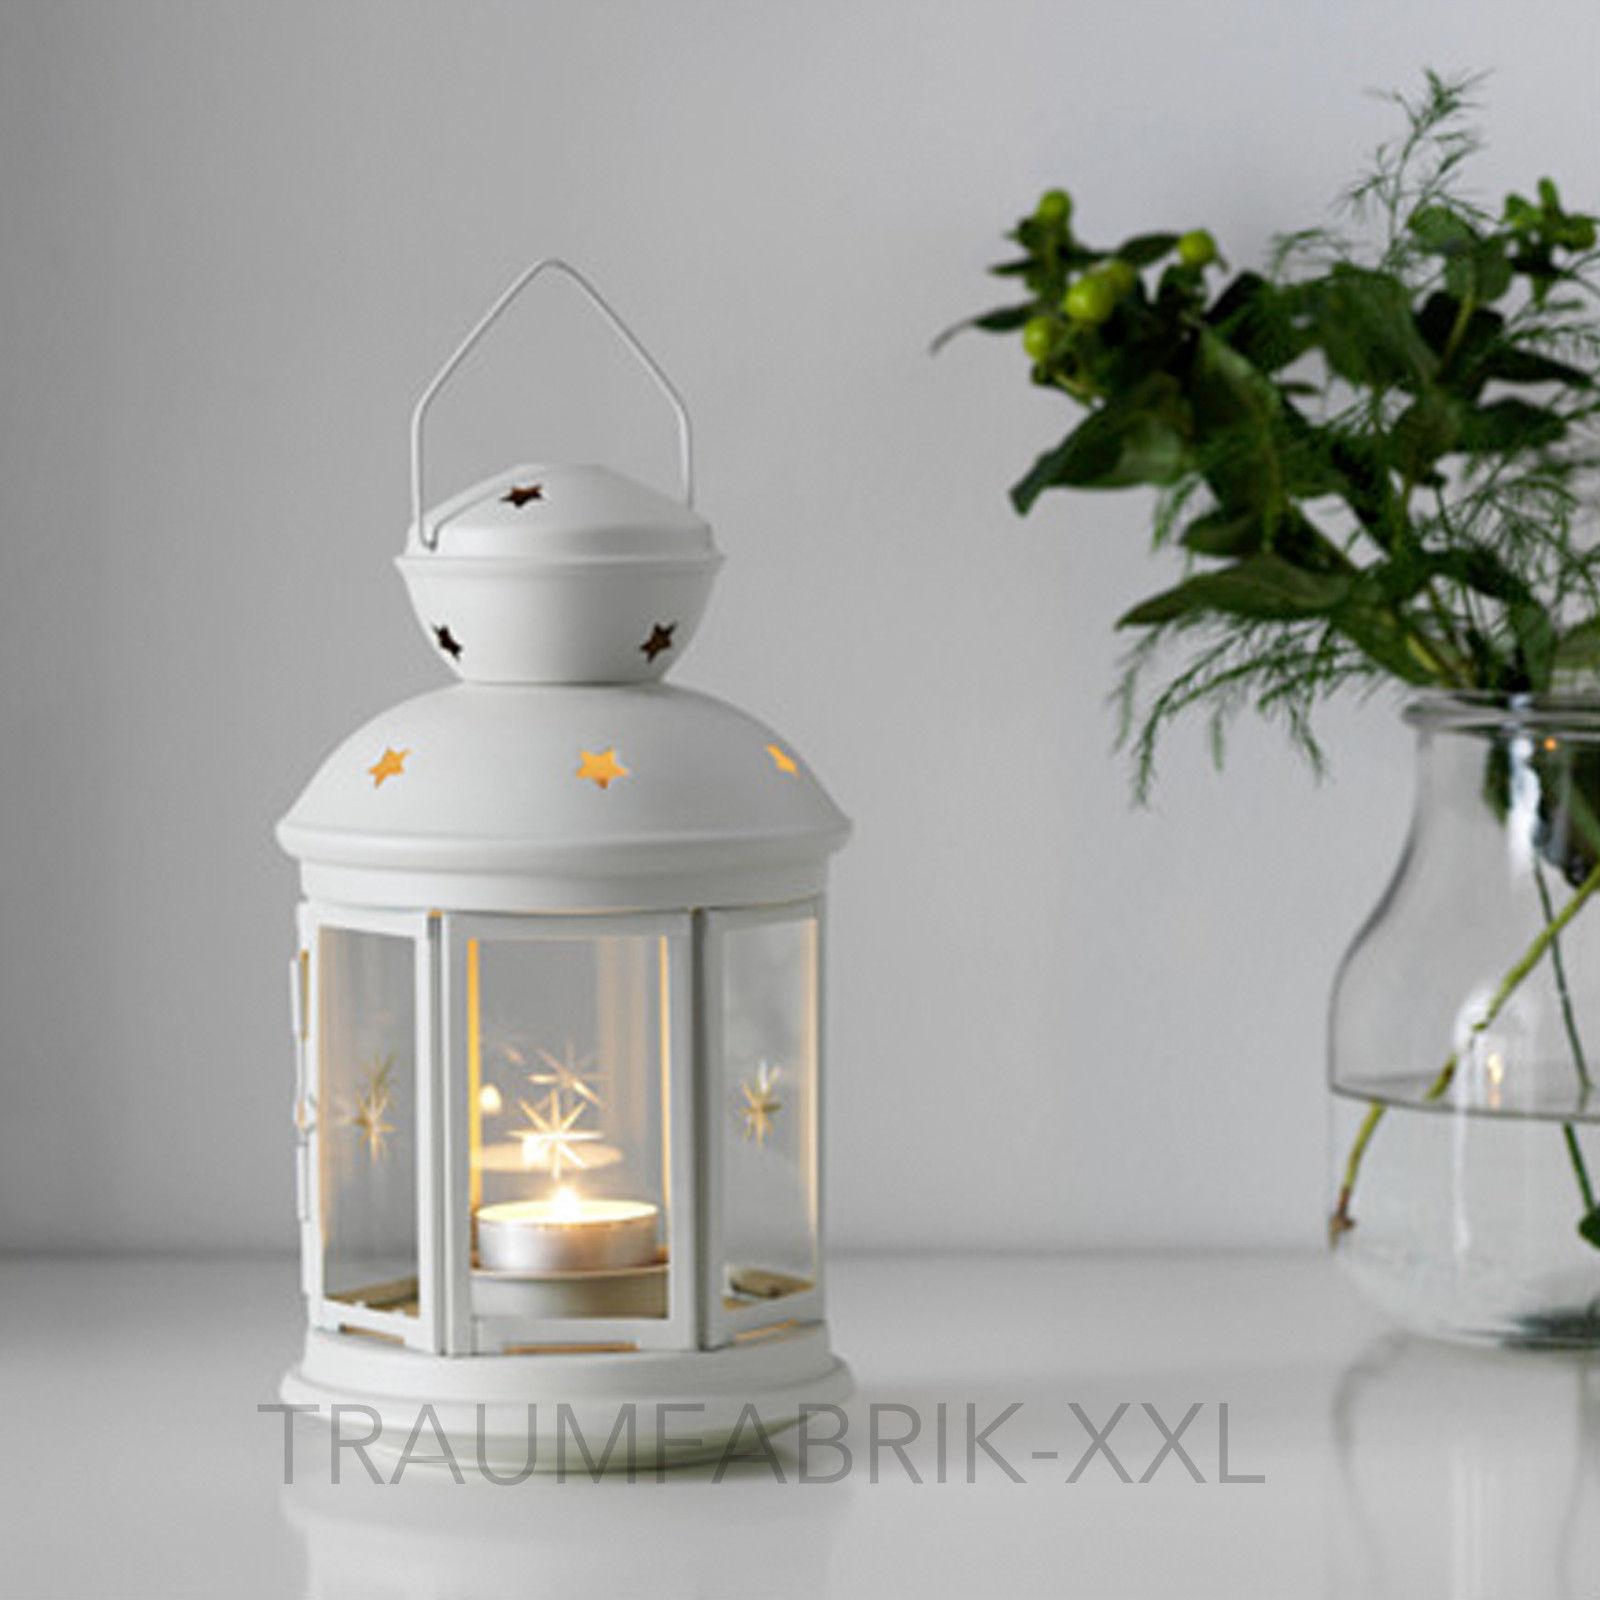 ikea rotera laterne f r teelicht windlicht teelichter kerzenhalter 21cm wei neu traumfabrik xxl. Black Bedroom Furniture Sets. Home Design Ideas